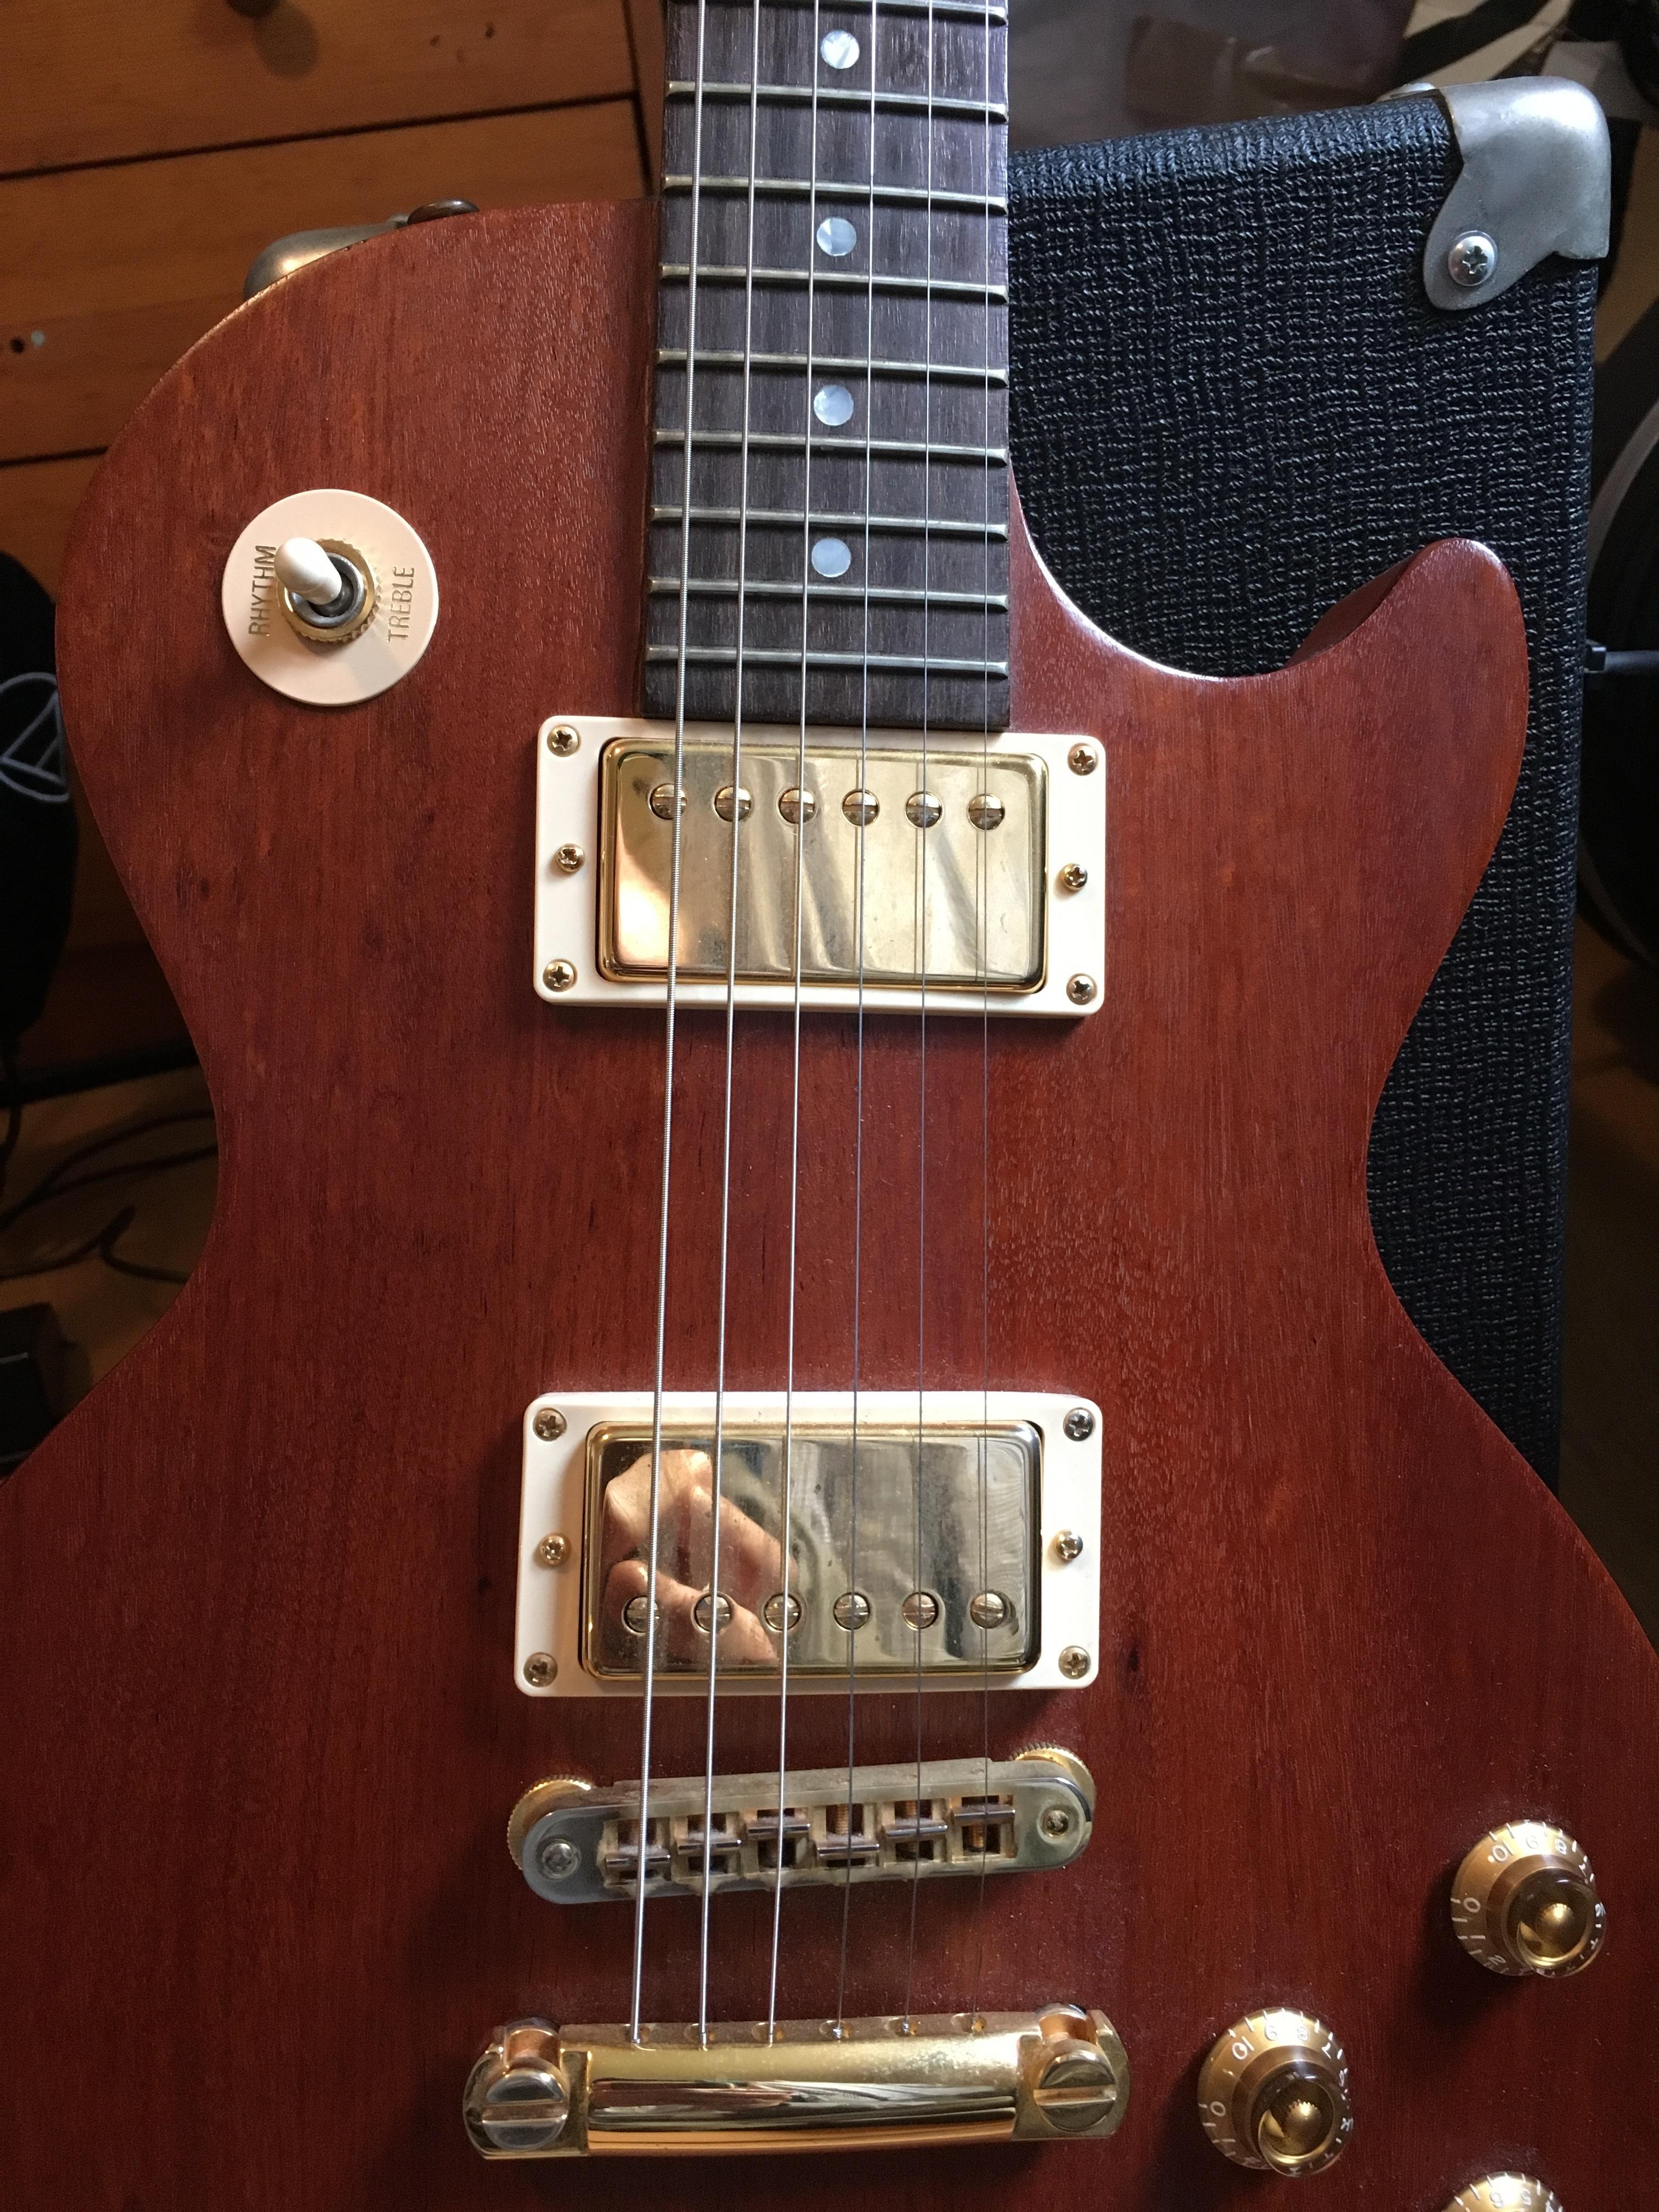 Accrocher Sa Guitare Au Mur Luxe Photographie Les Paul Smartwood Studio Gibson Les Paul Smartwood Studio